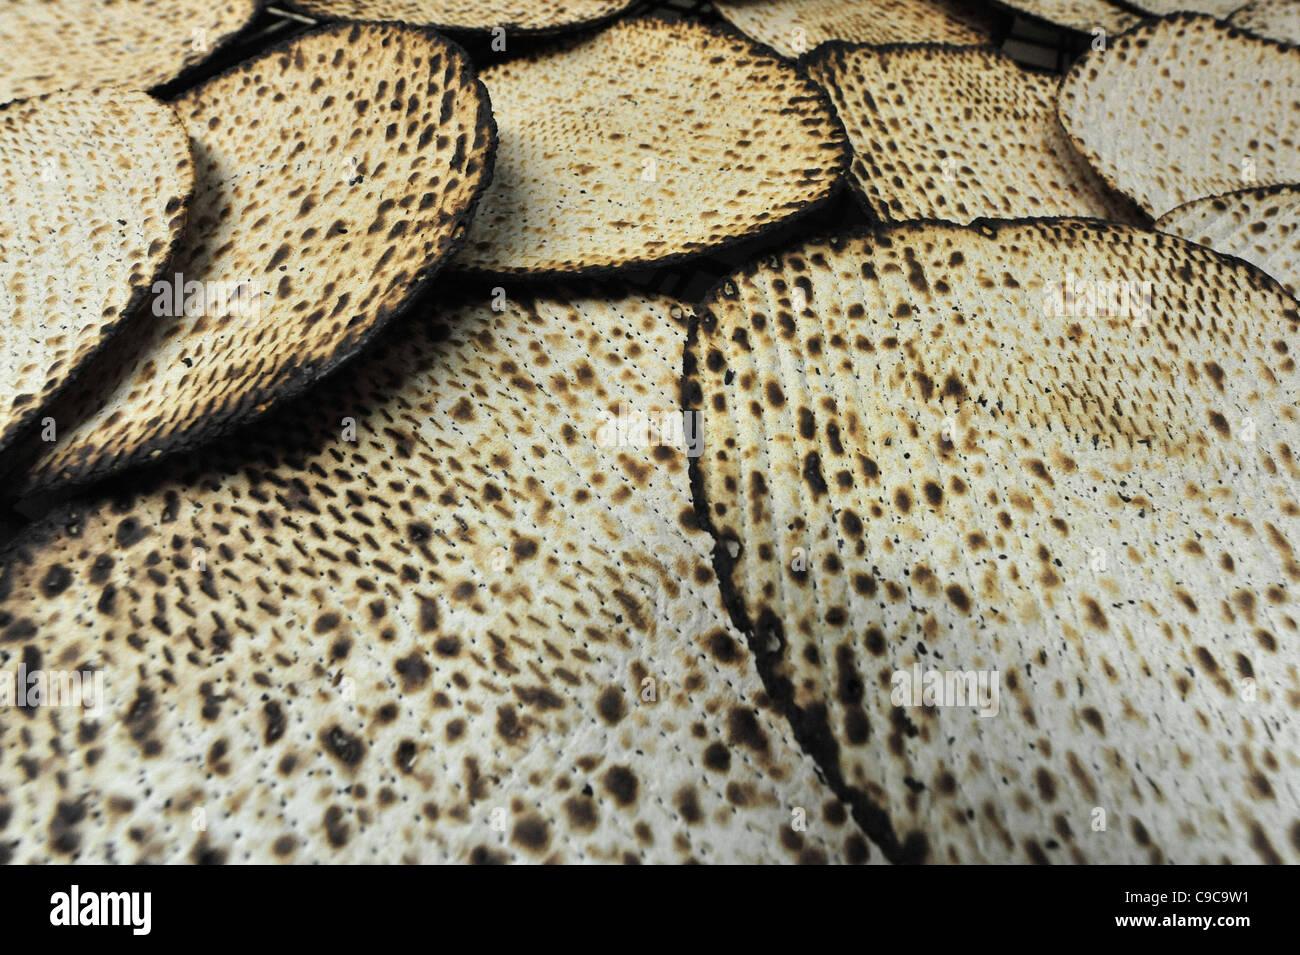 Hand made glatt kosher matzah for the Jewish holiday of Passover - Stock Image